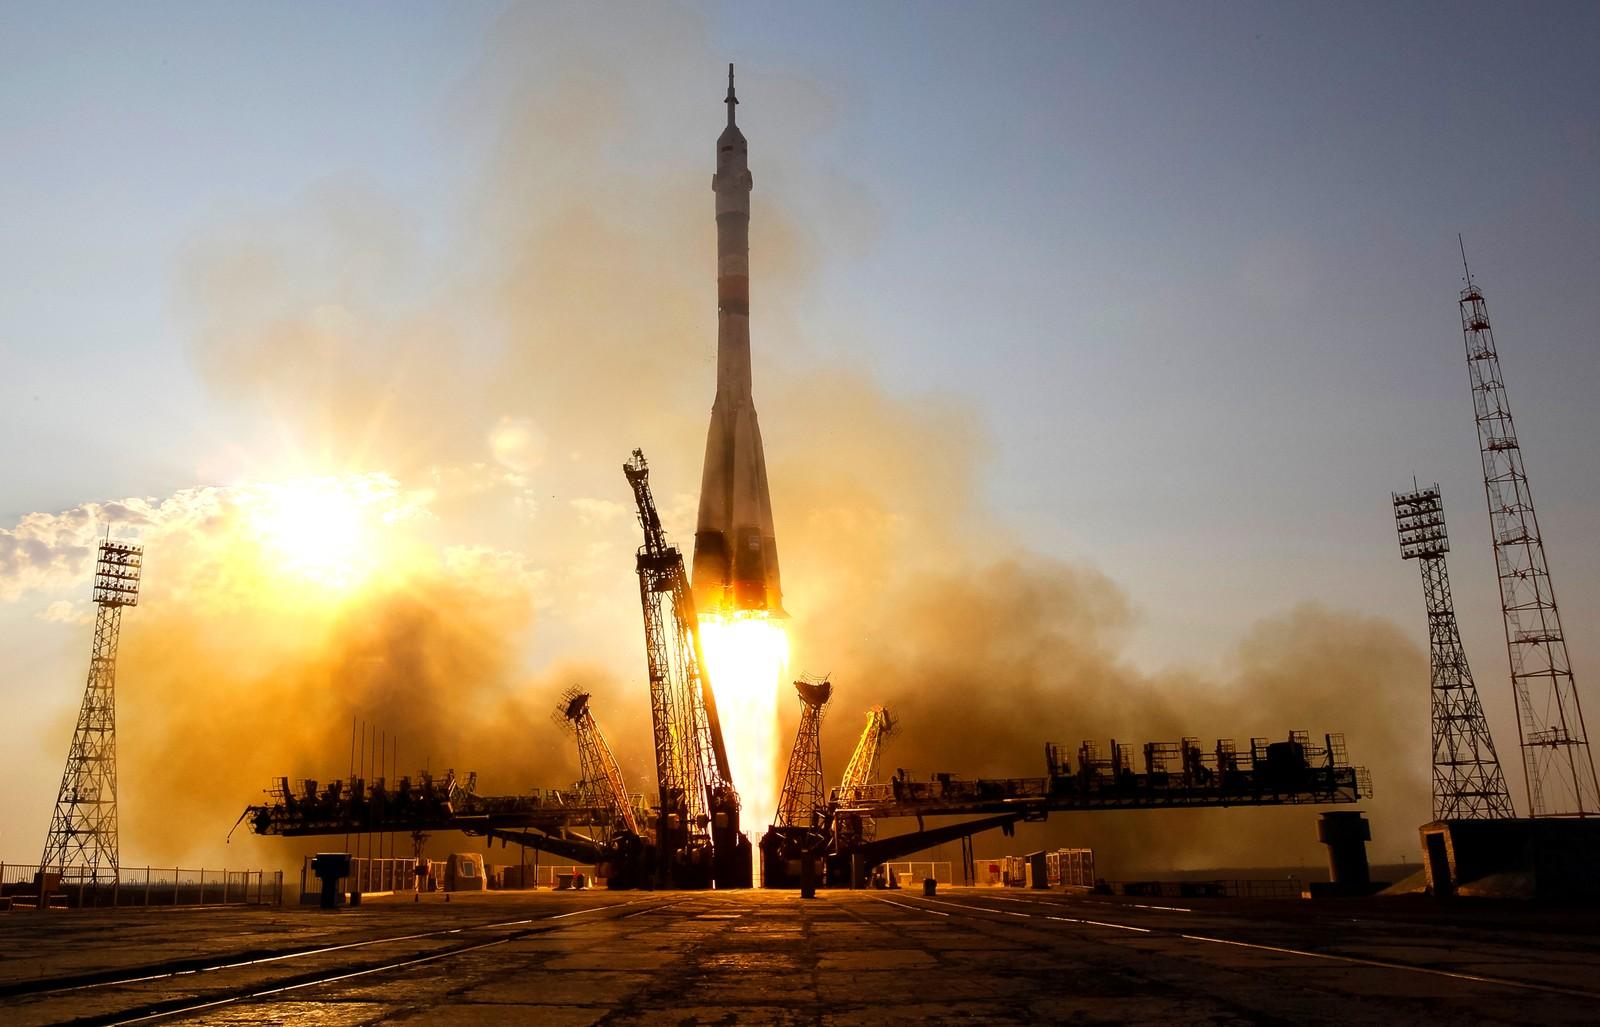 Og her tar Sojus-raketten av. Vanligvis tar turen til romstasjonen seks timer, men denne gangen tar turen omtrent to dager. Årsaken er nytt utstyr som skal testes underveis.